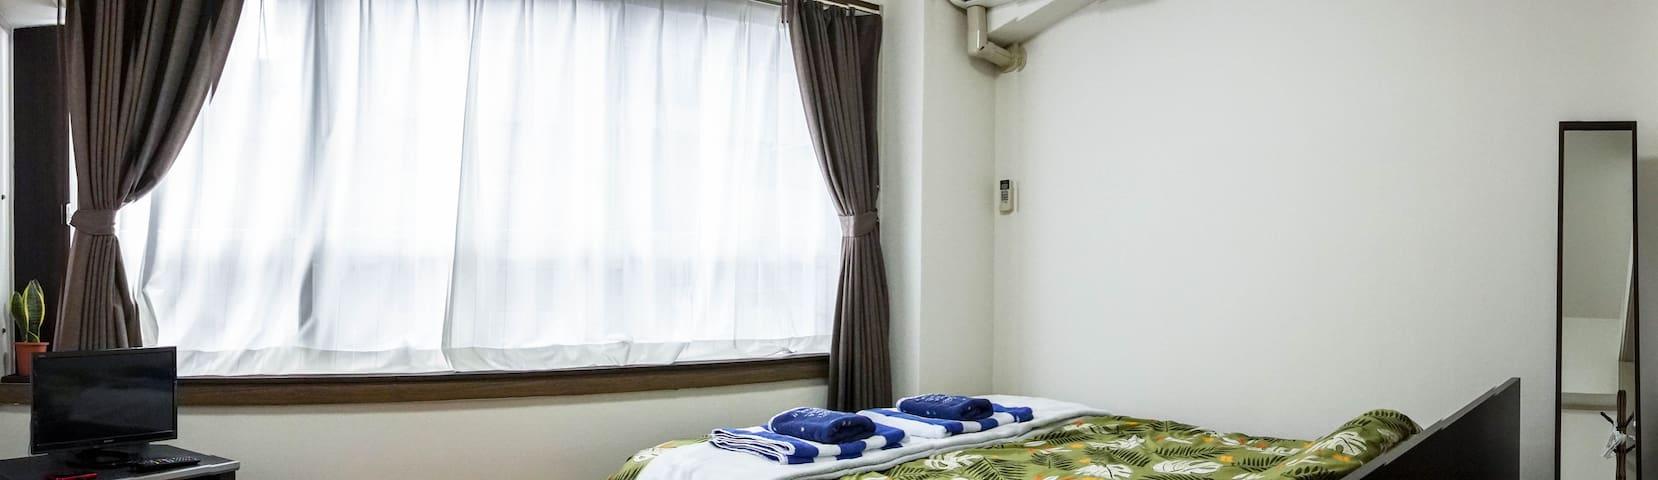 401 cozy room @Tenjin area